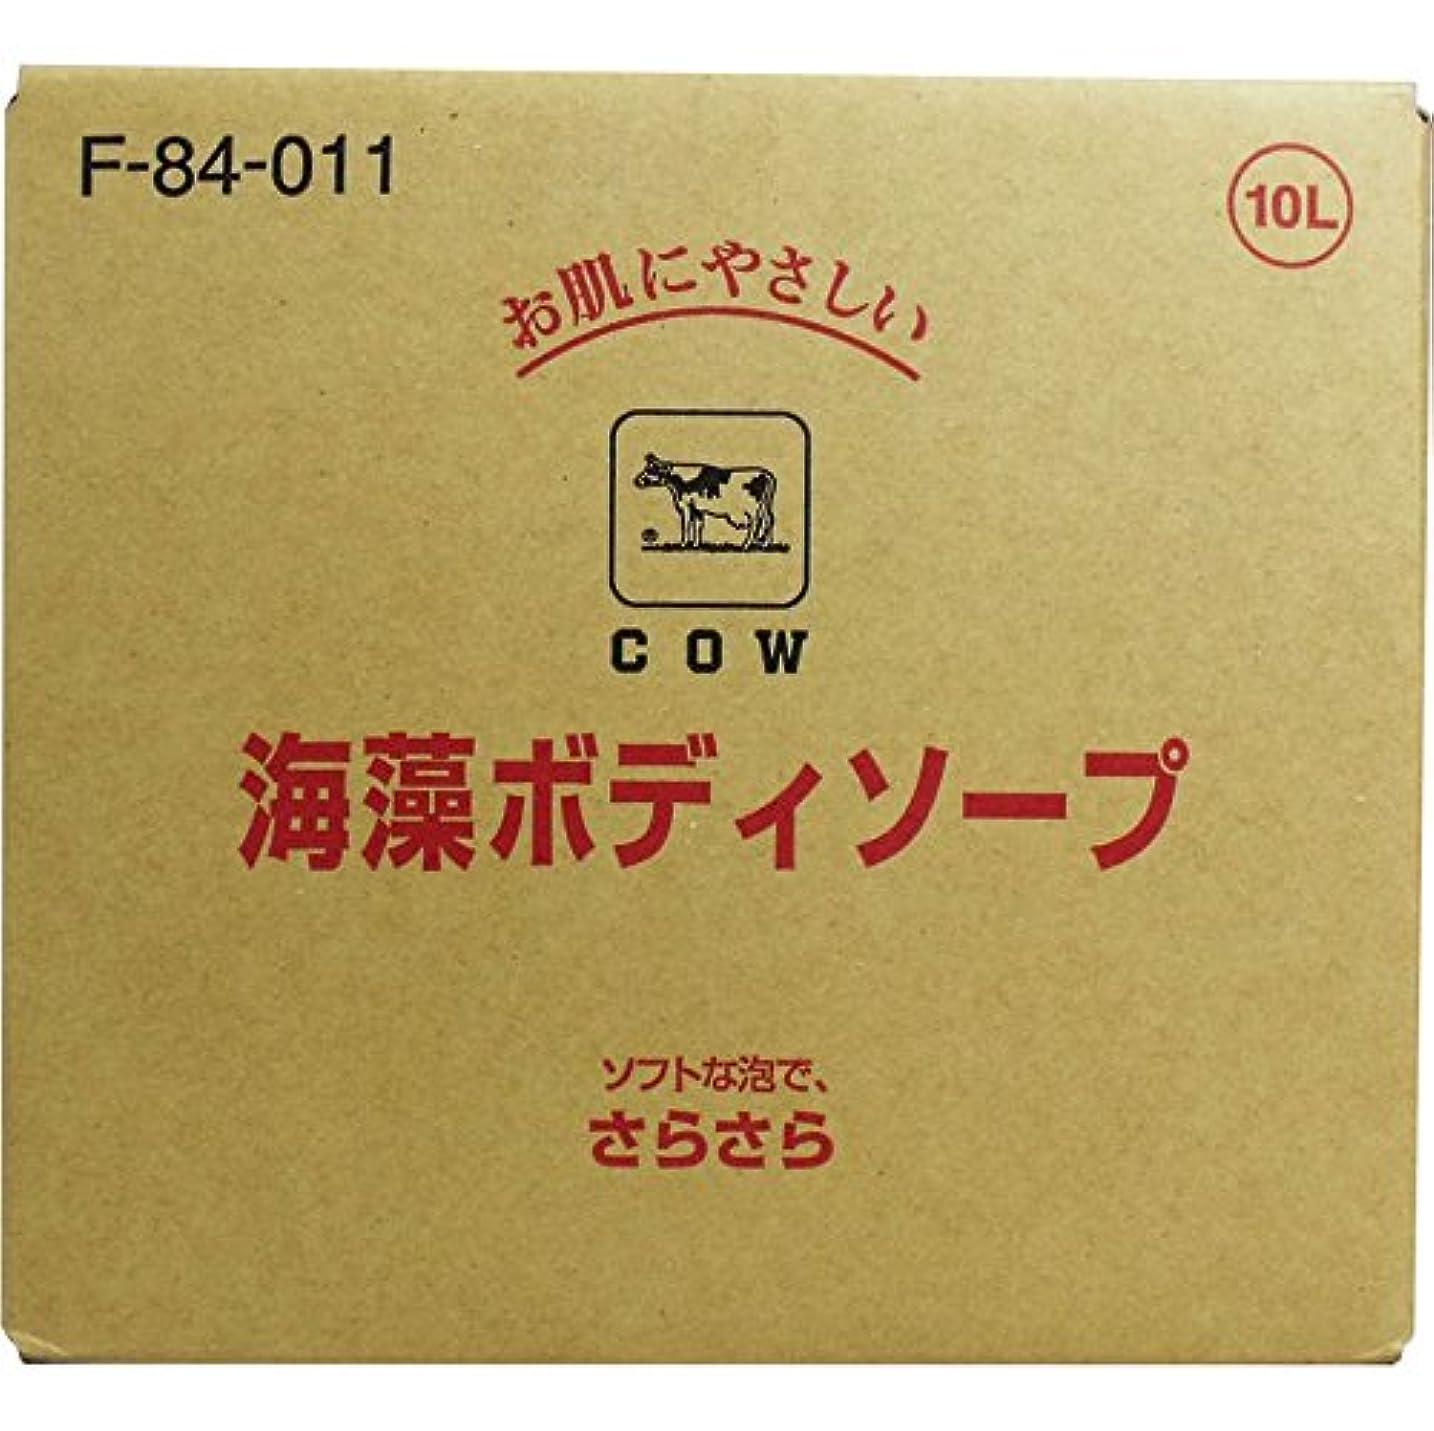 基準薄める圧倒的ボディ 石けん詰め替え さらさらした洗い心地 便利商品 牛乳ブランド 海藻ボディソープ 業務用 10L